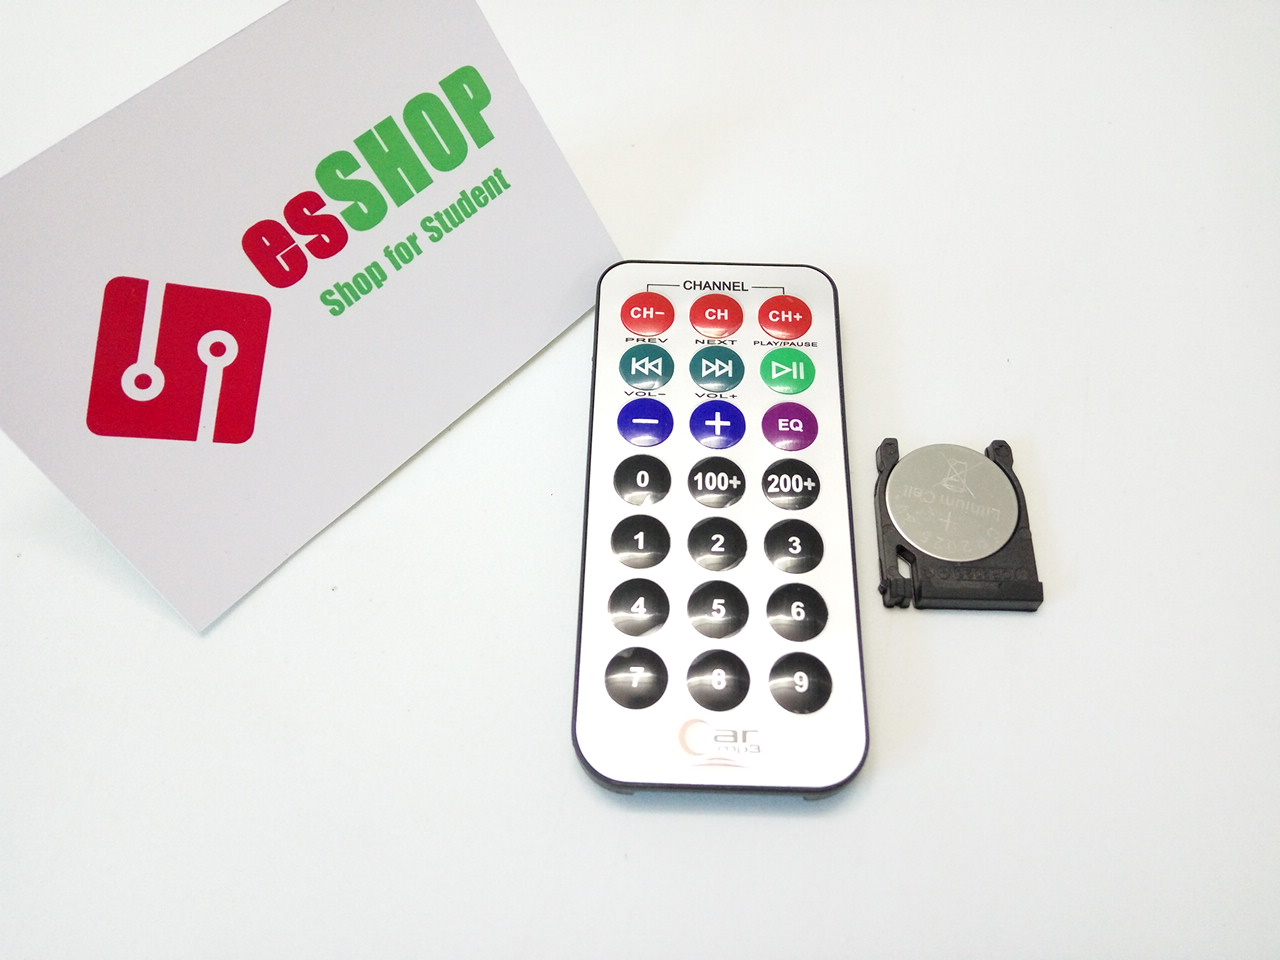 B0230 - Remote hồng ngoại điều khiển Media - MP3, Video